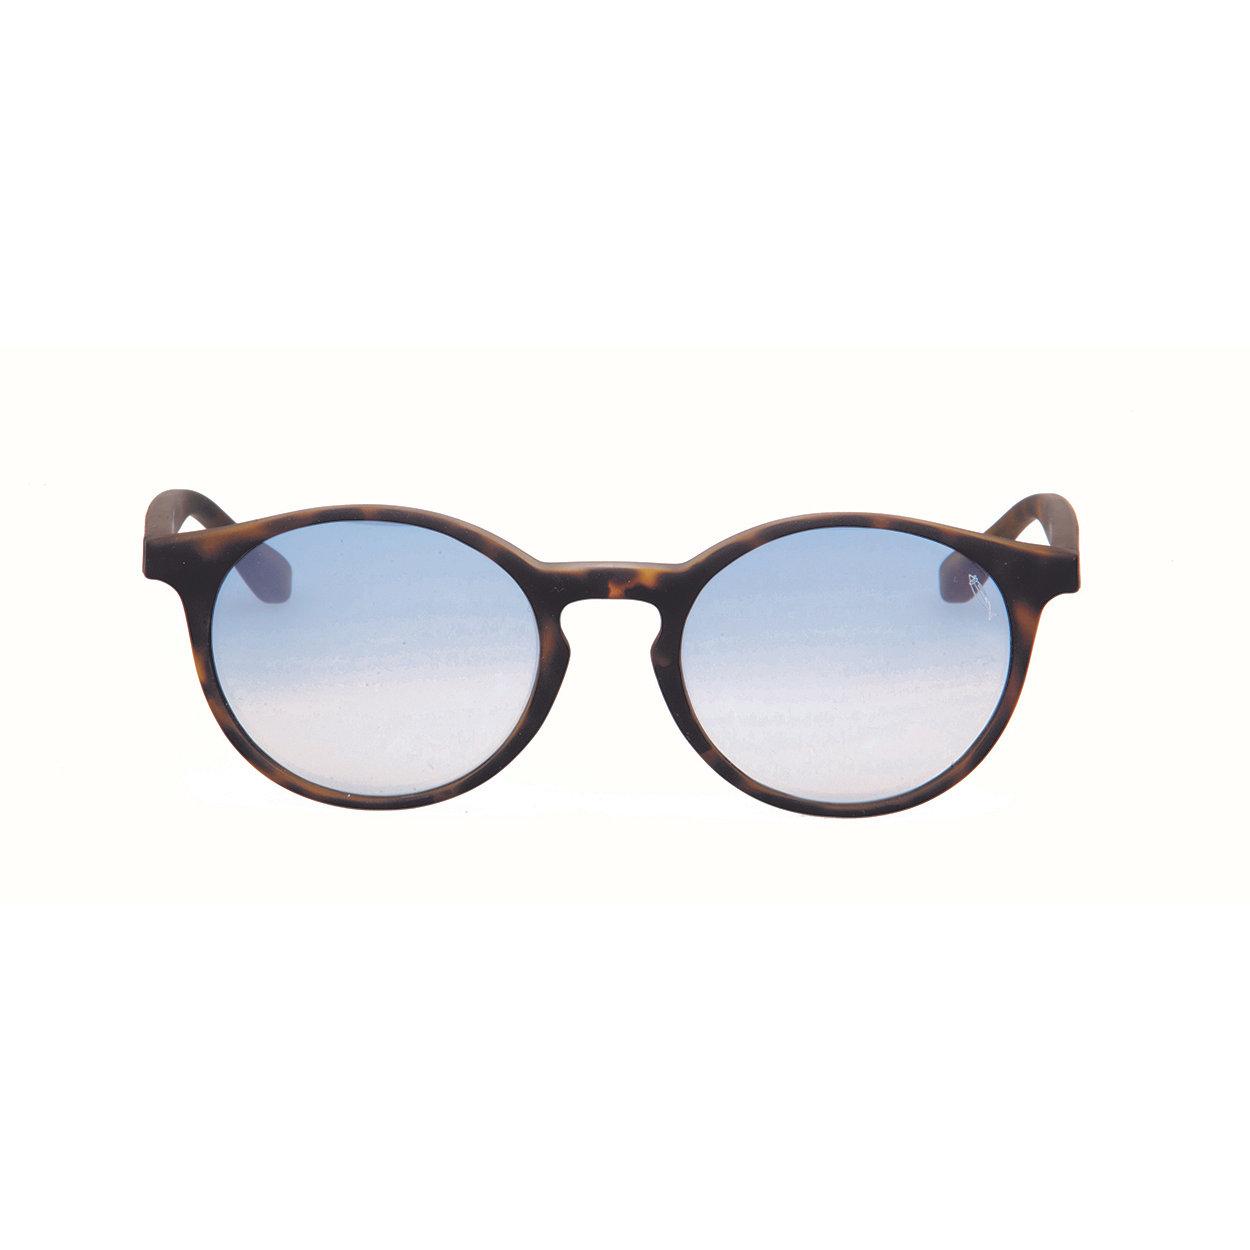 Image of Occhiali da sole Gilda sole tartarugato scuro satinato lente sfumata azzurra